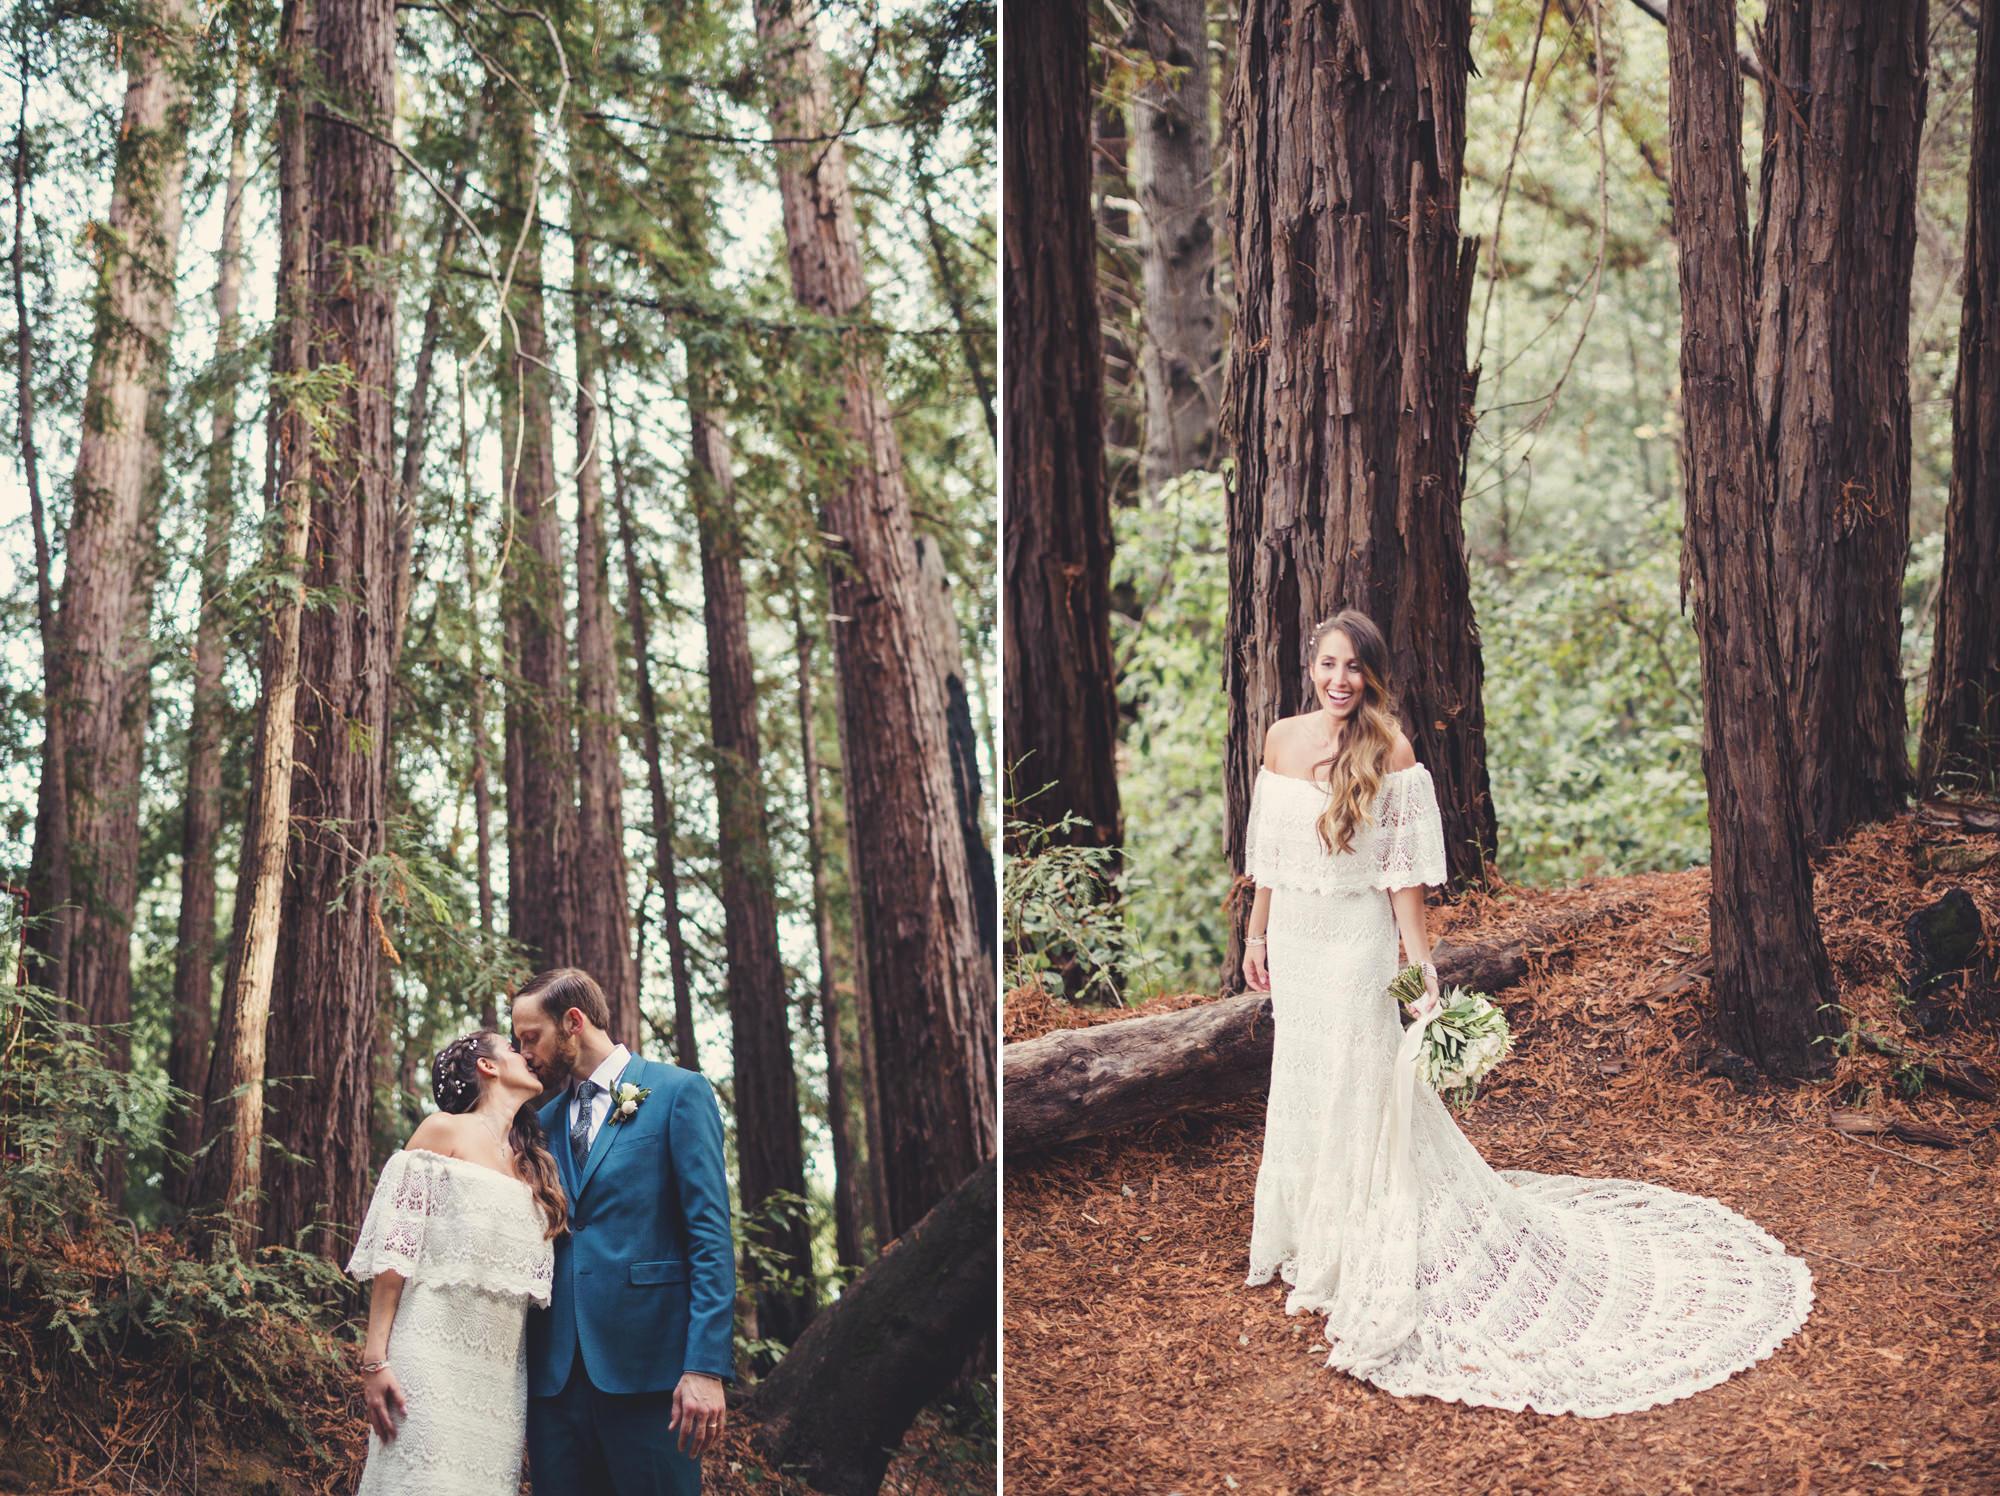 Sequoia Retreat Center Wedding@Anne-Claire Brun 127